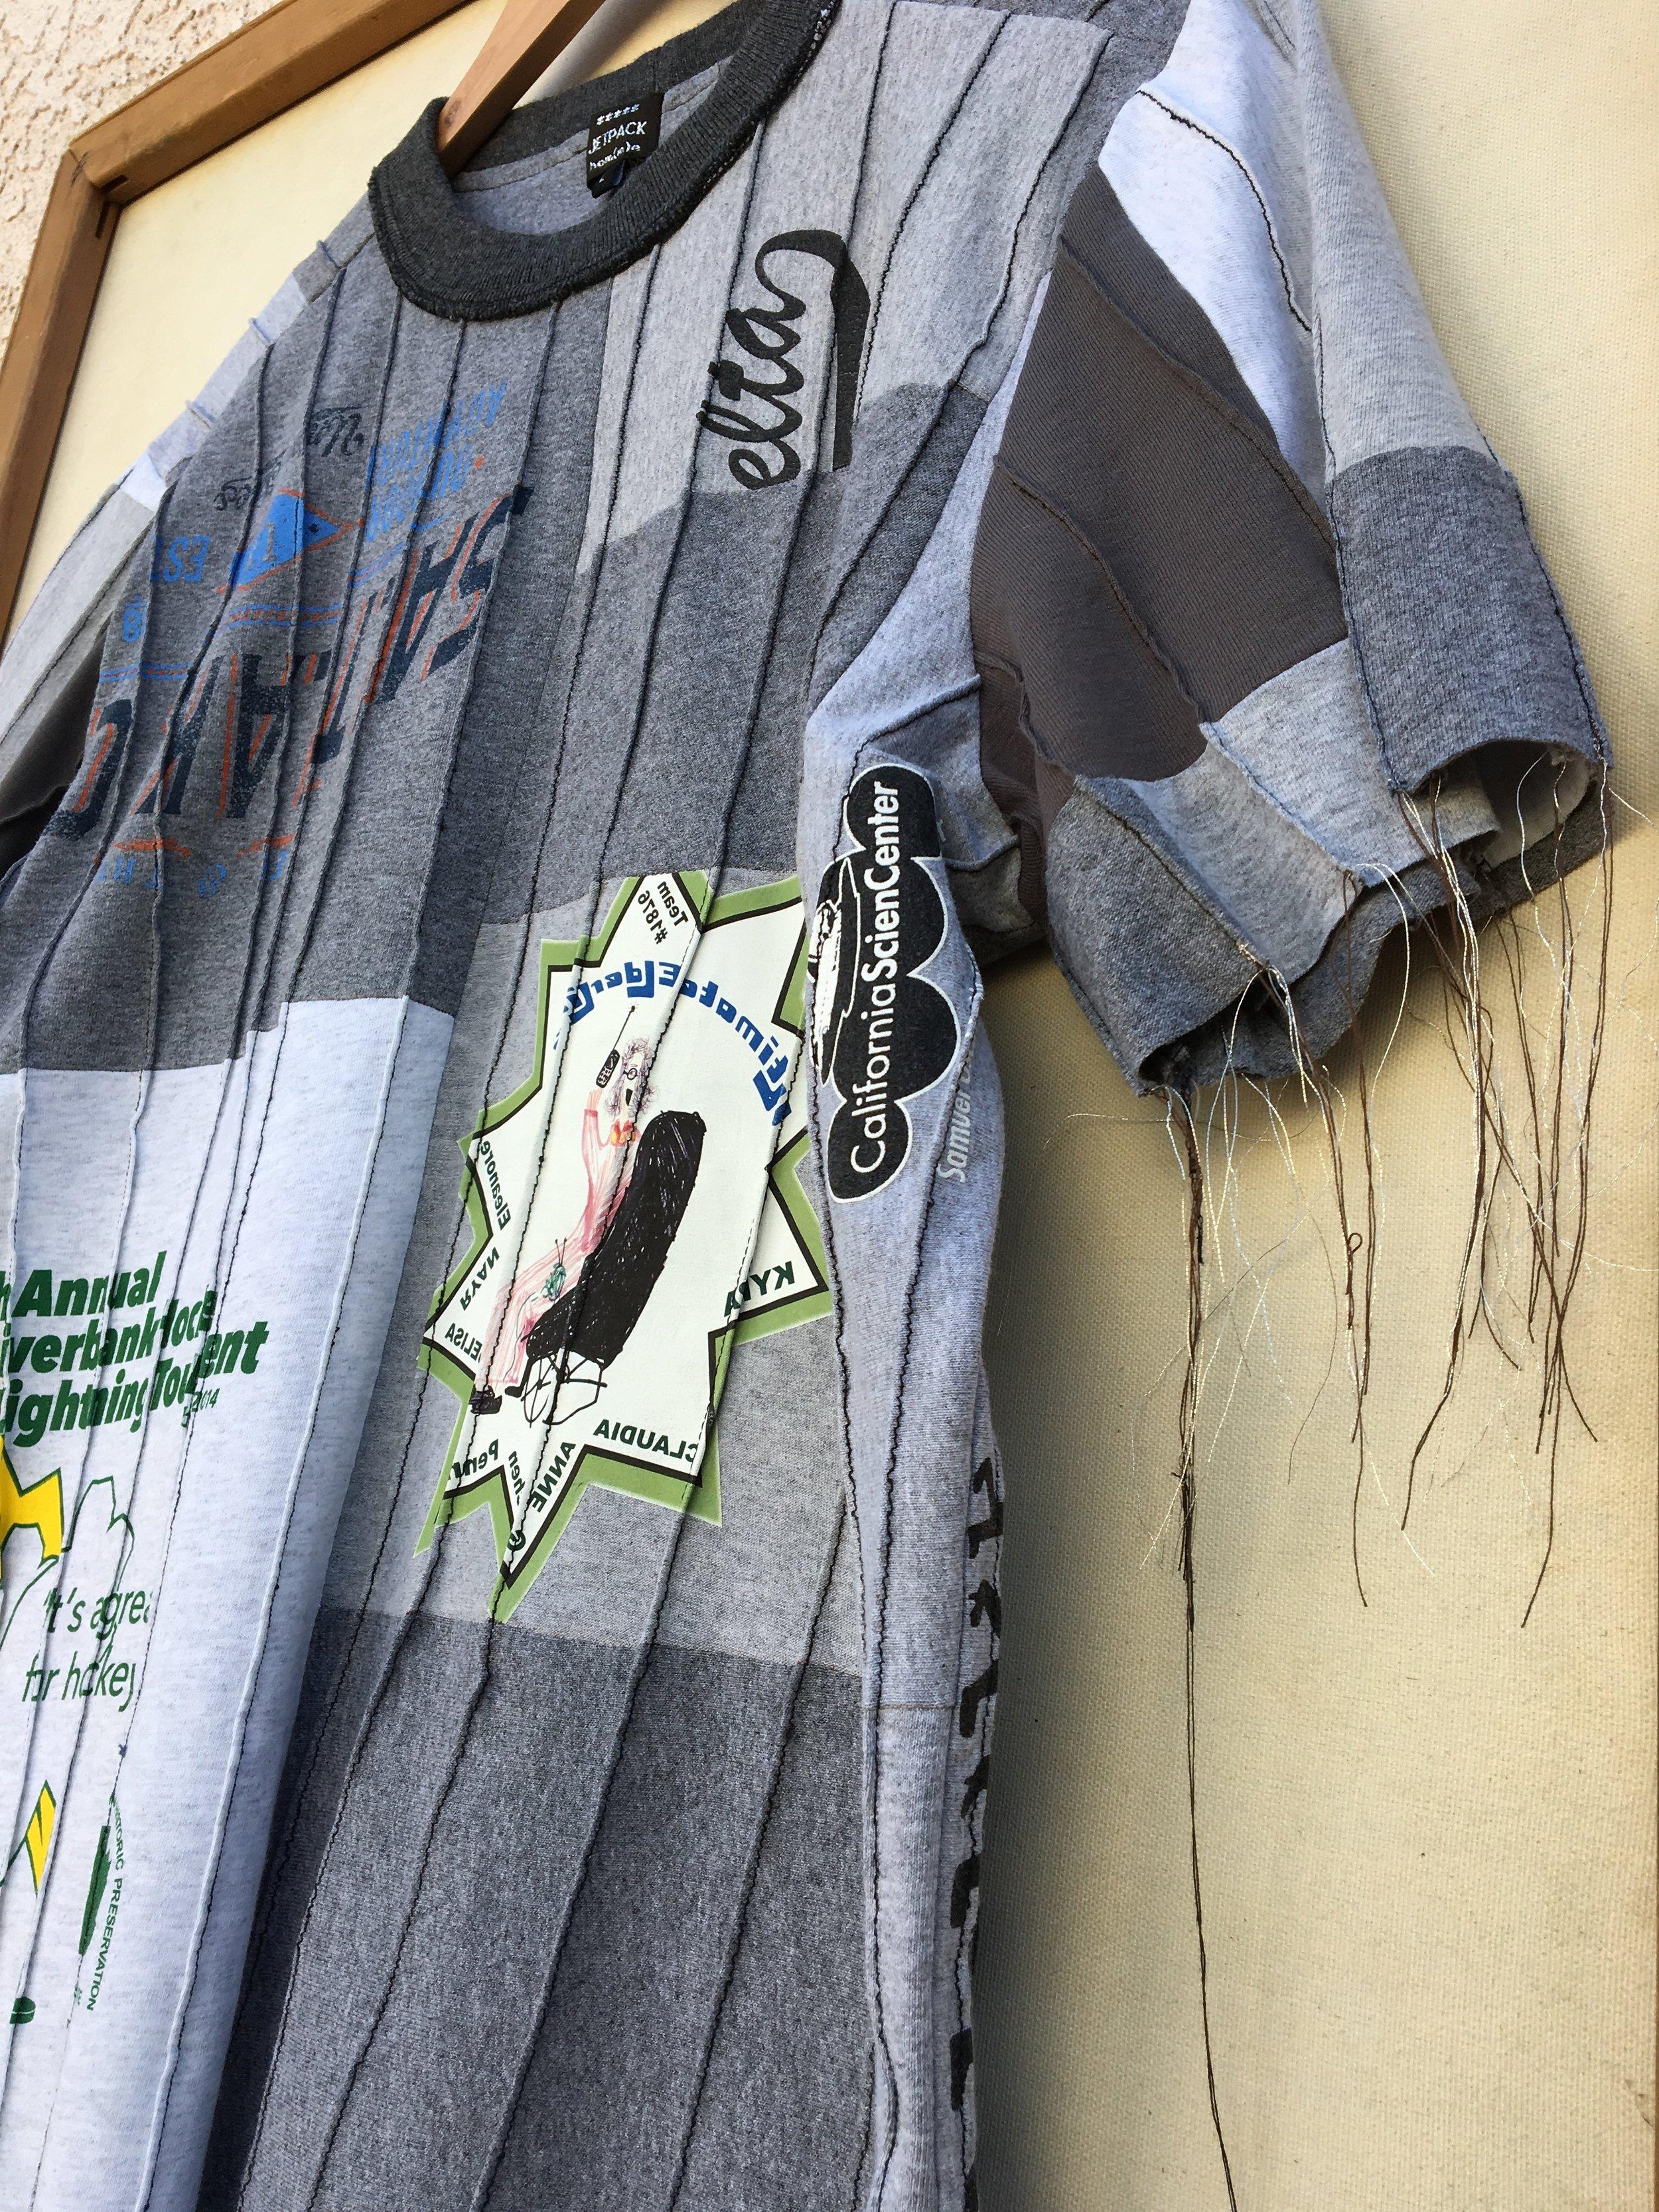 Shirt 4_front detail.JPG